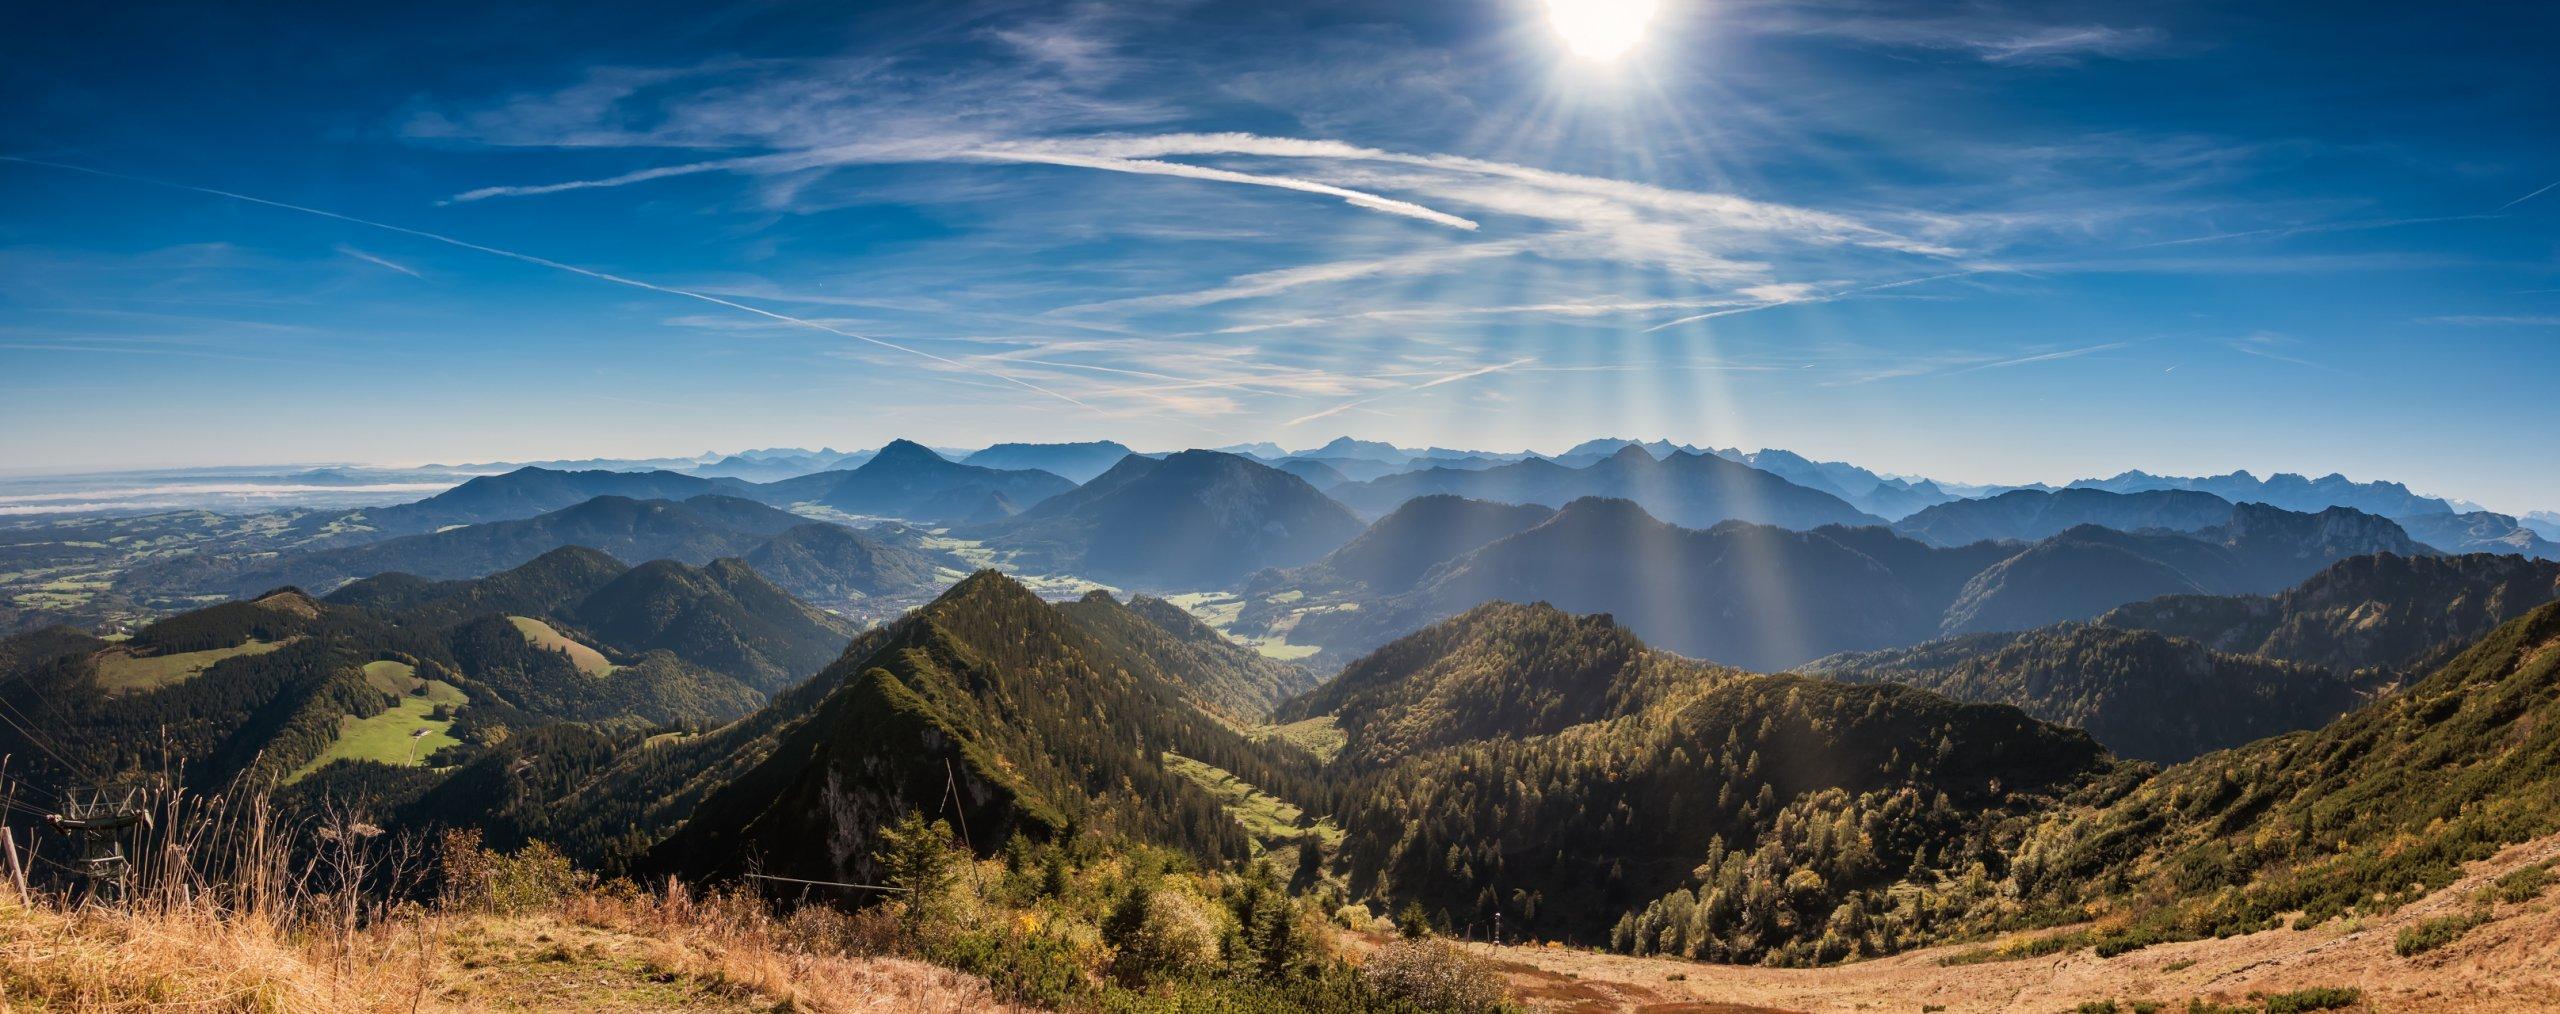 Urlaub zum Wandern in Oberbayern im Voralpenland bei Rosenheim, Bad Aibling und Chiemsee